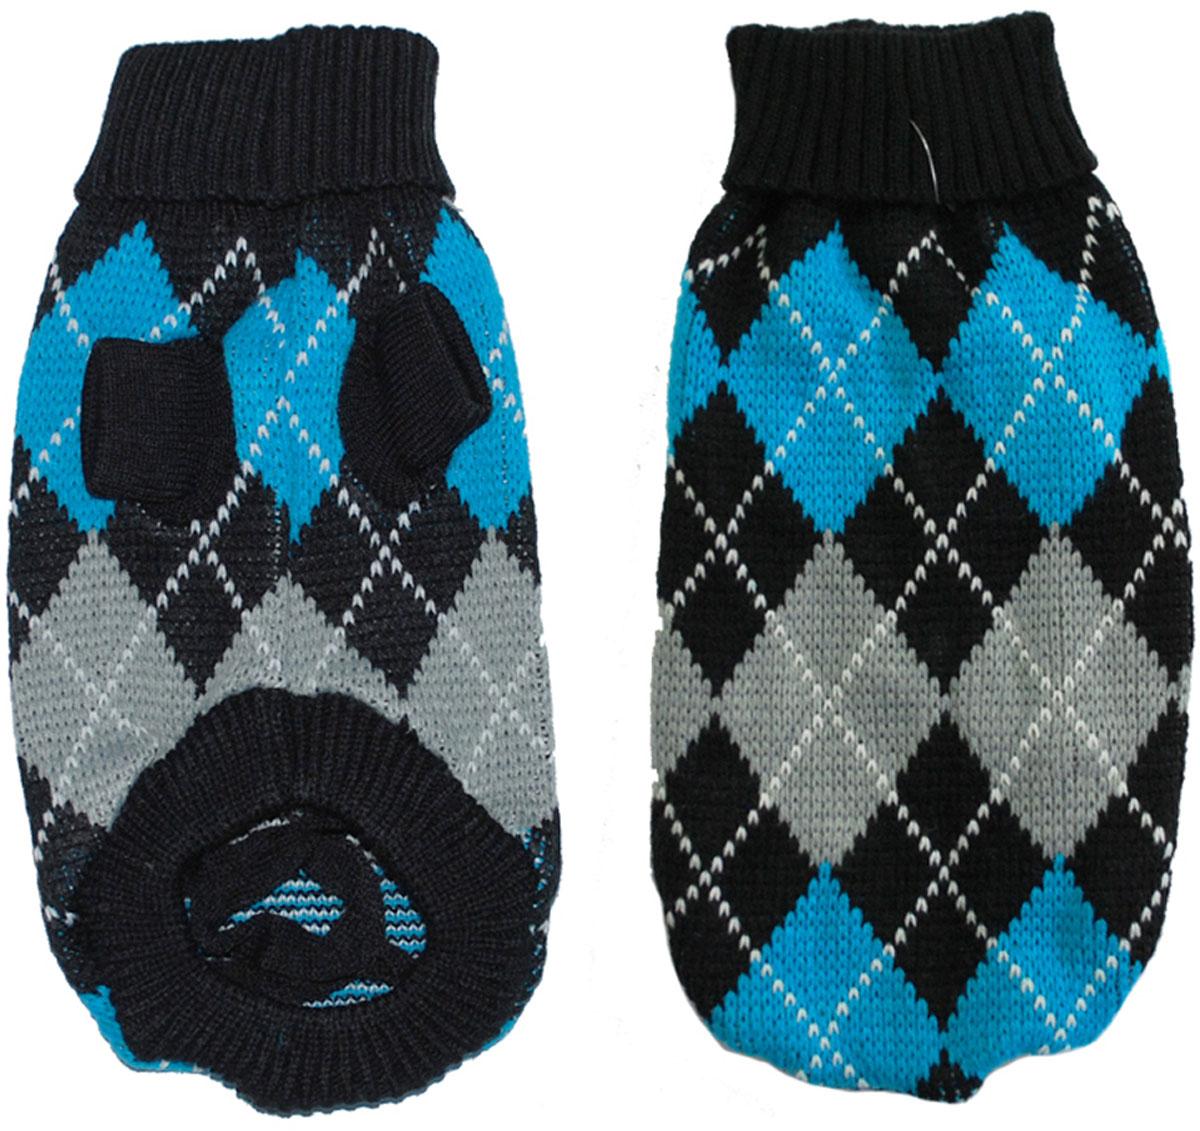 """Свитер для собак """"Уют"""", унисекс, цвет: черный, синий, серый. НМ24Л. Размер L"""